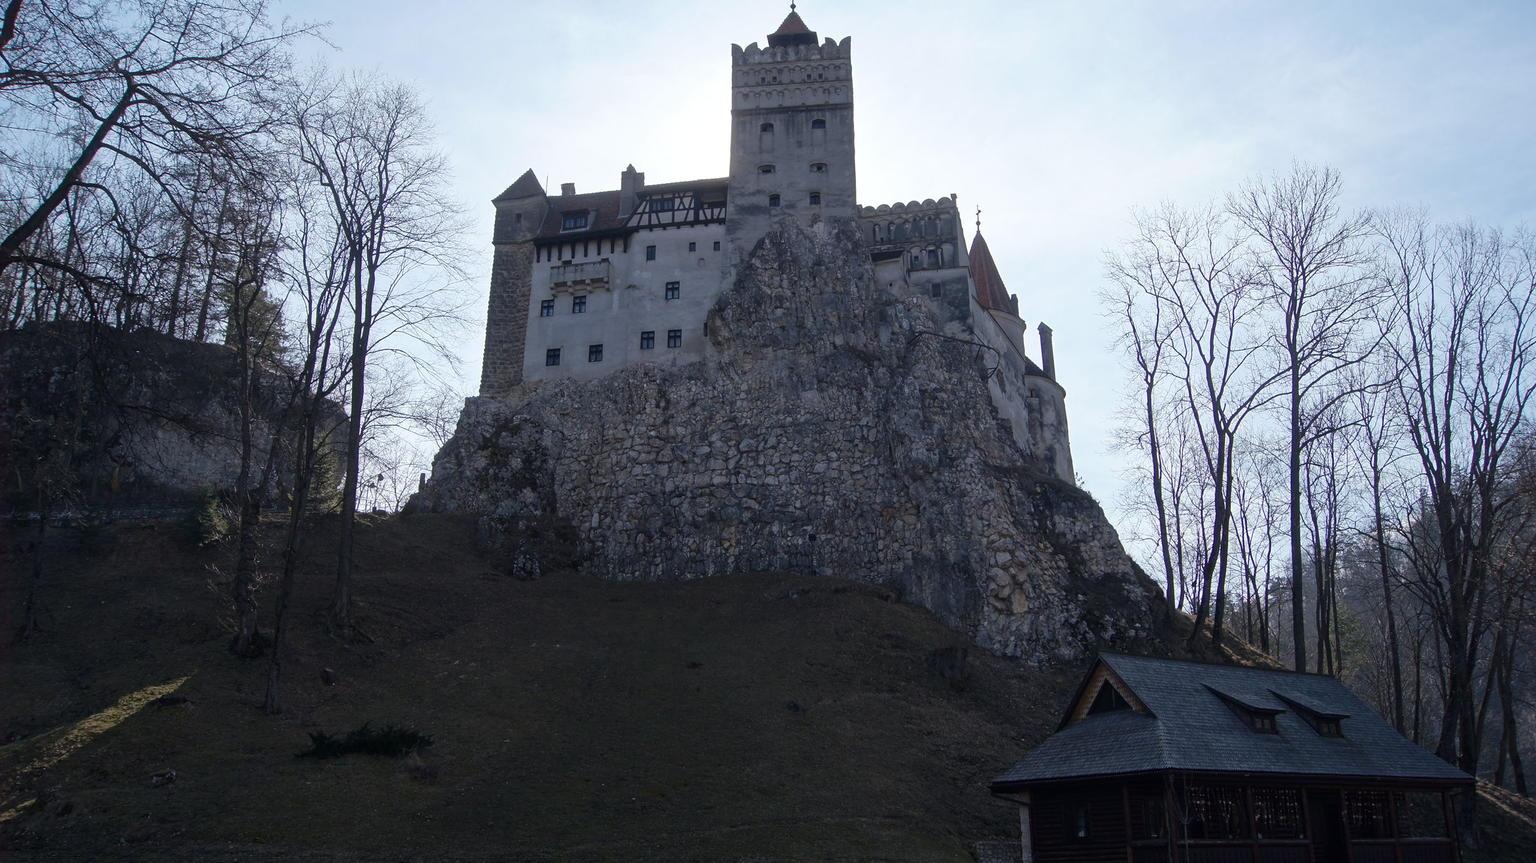 MÁS FOTOS, Recorrido de día completo por Transilvania y el castillo de Drácula desde Bucarest